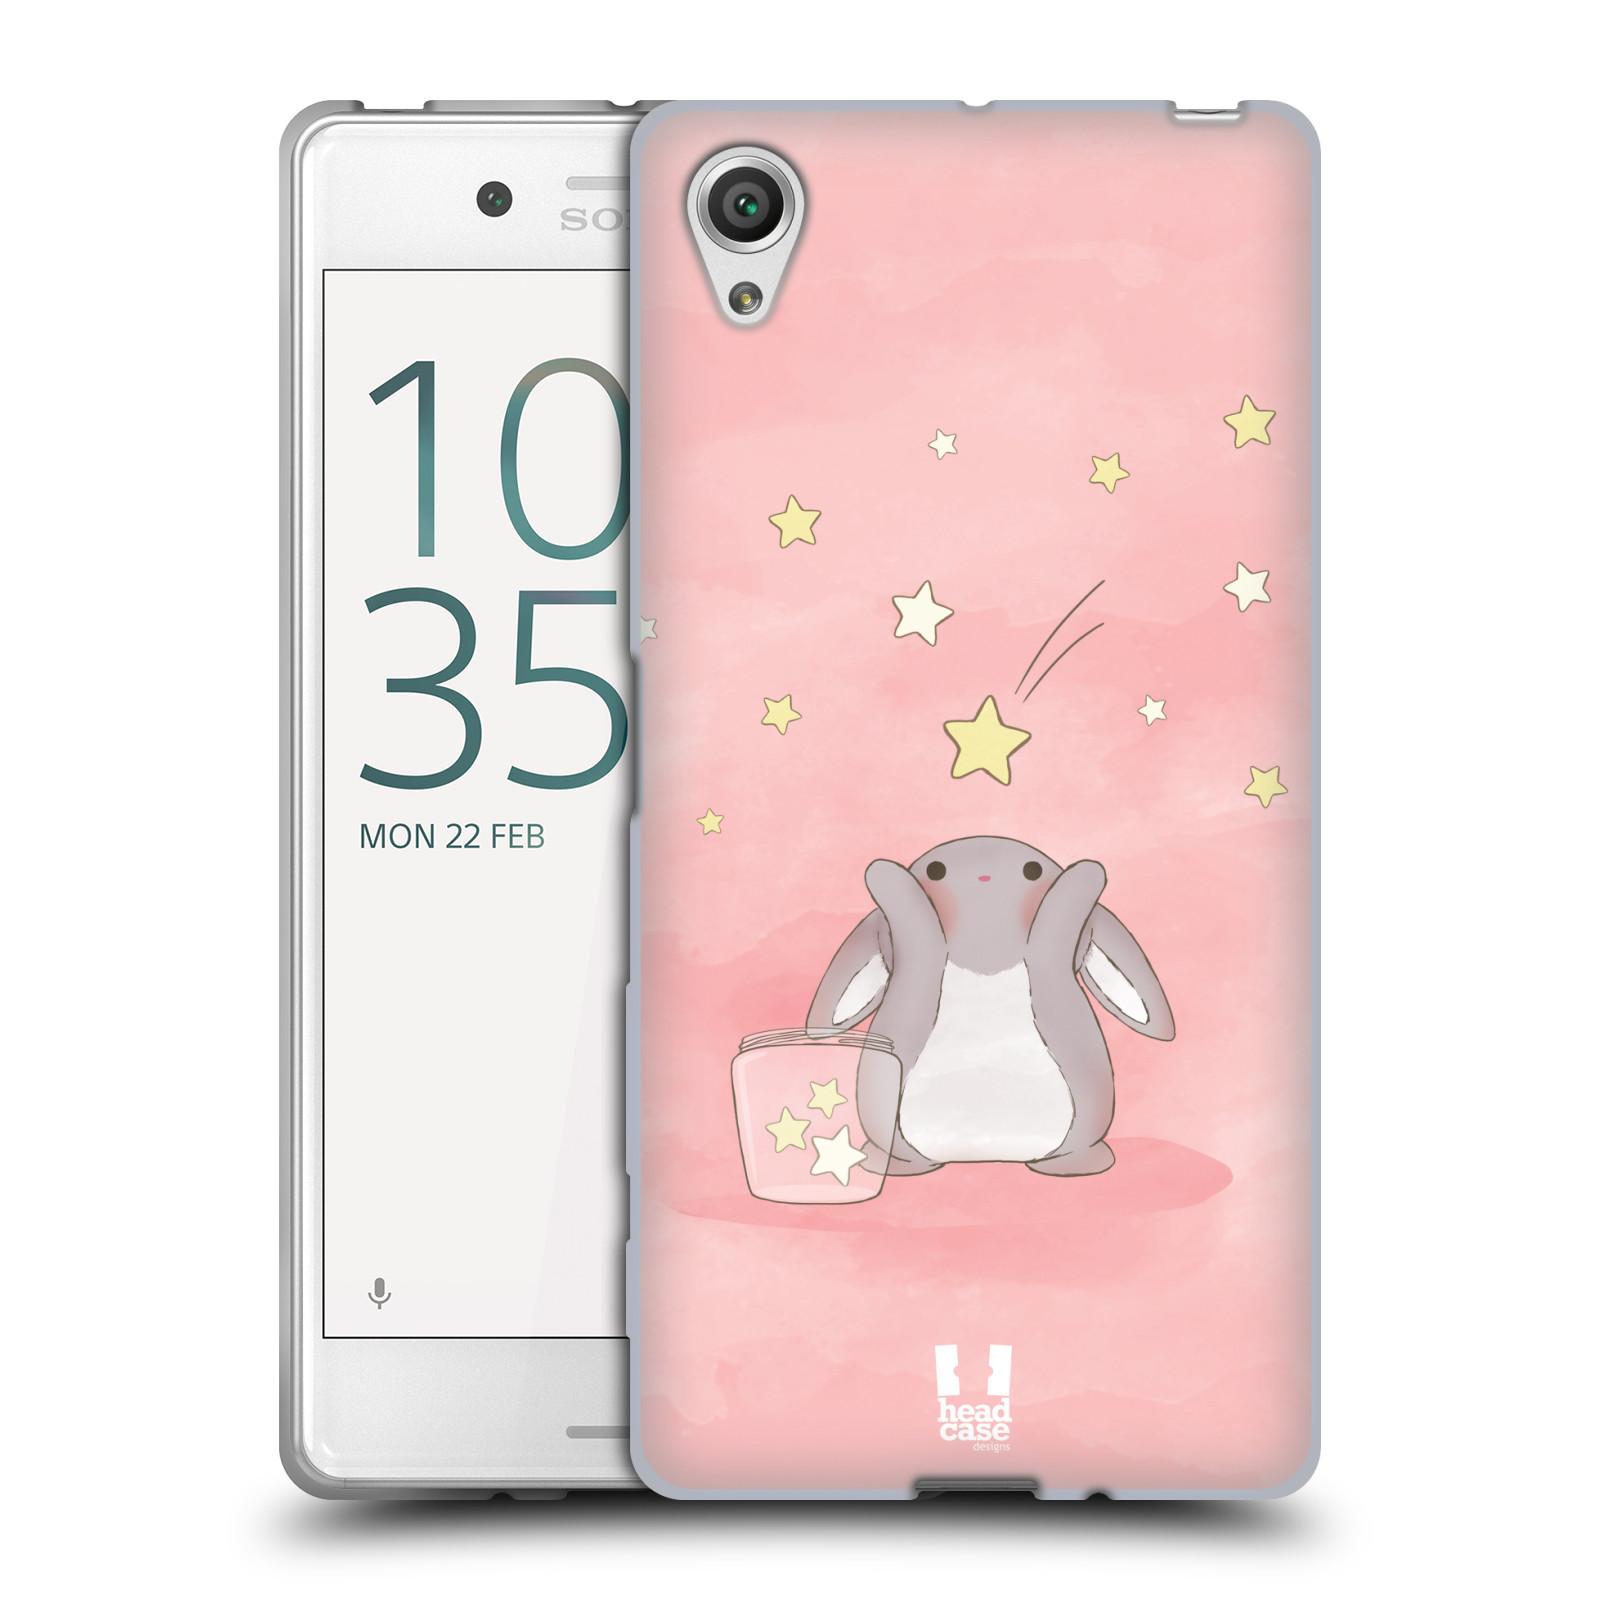 HEAD CASE silikonový obal na mobil Sony Xperia X / X DUAL vzor králíček a hvězdy růžová